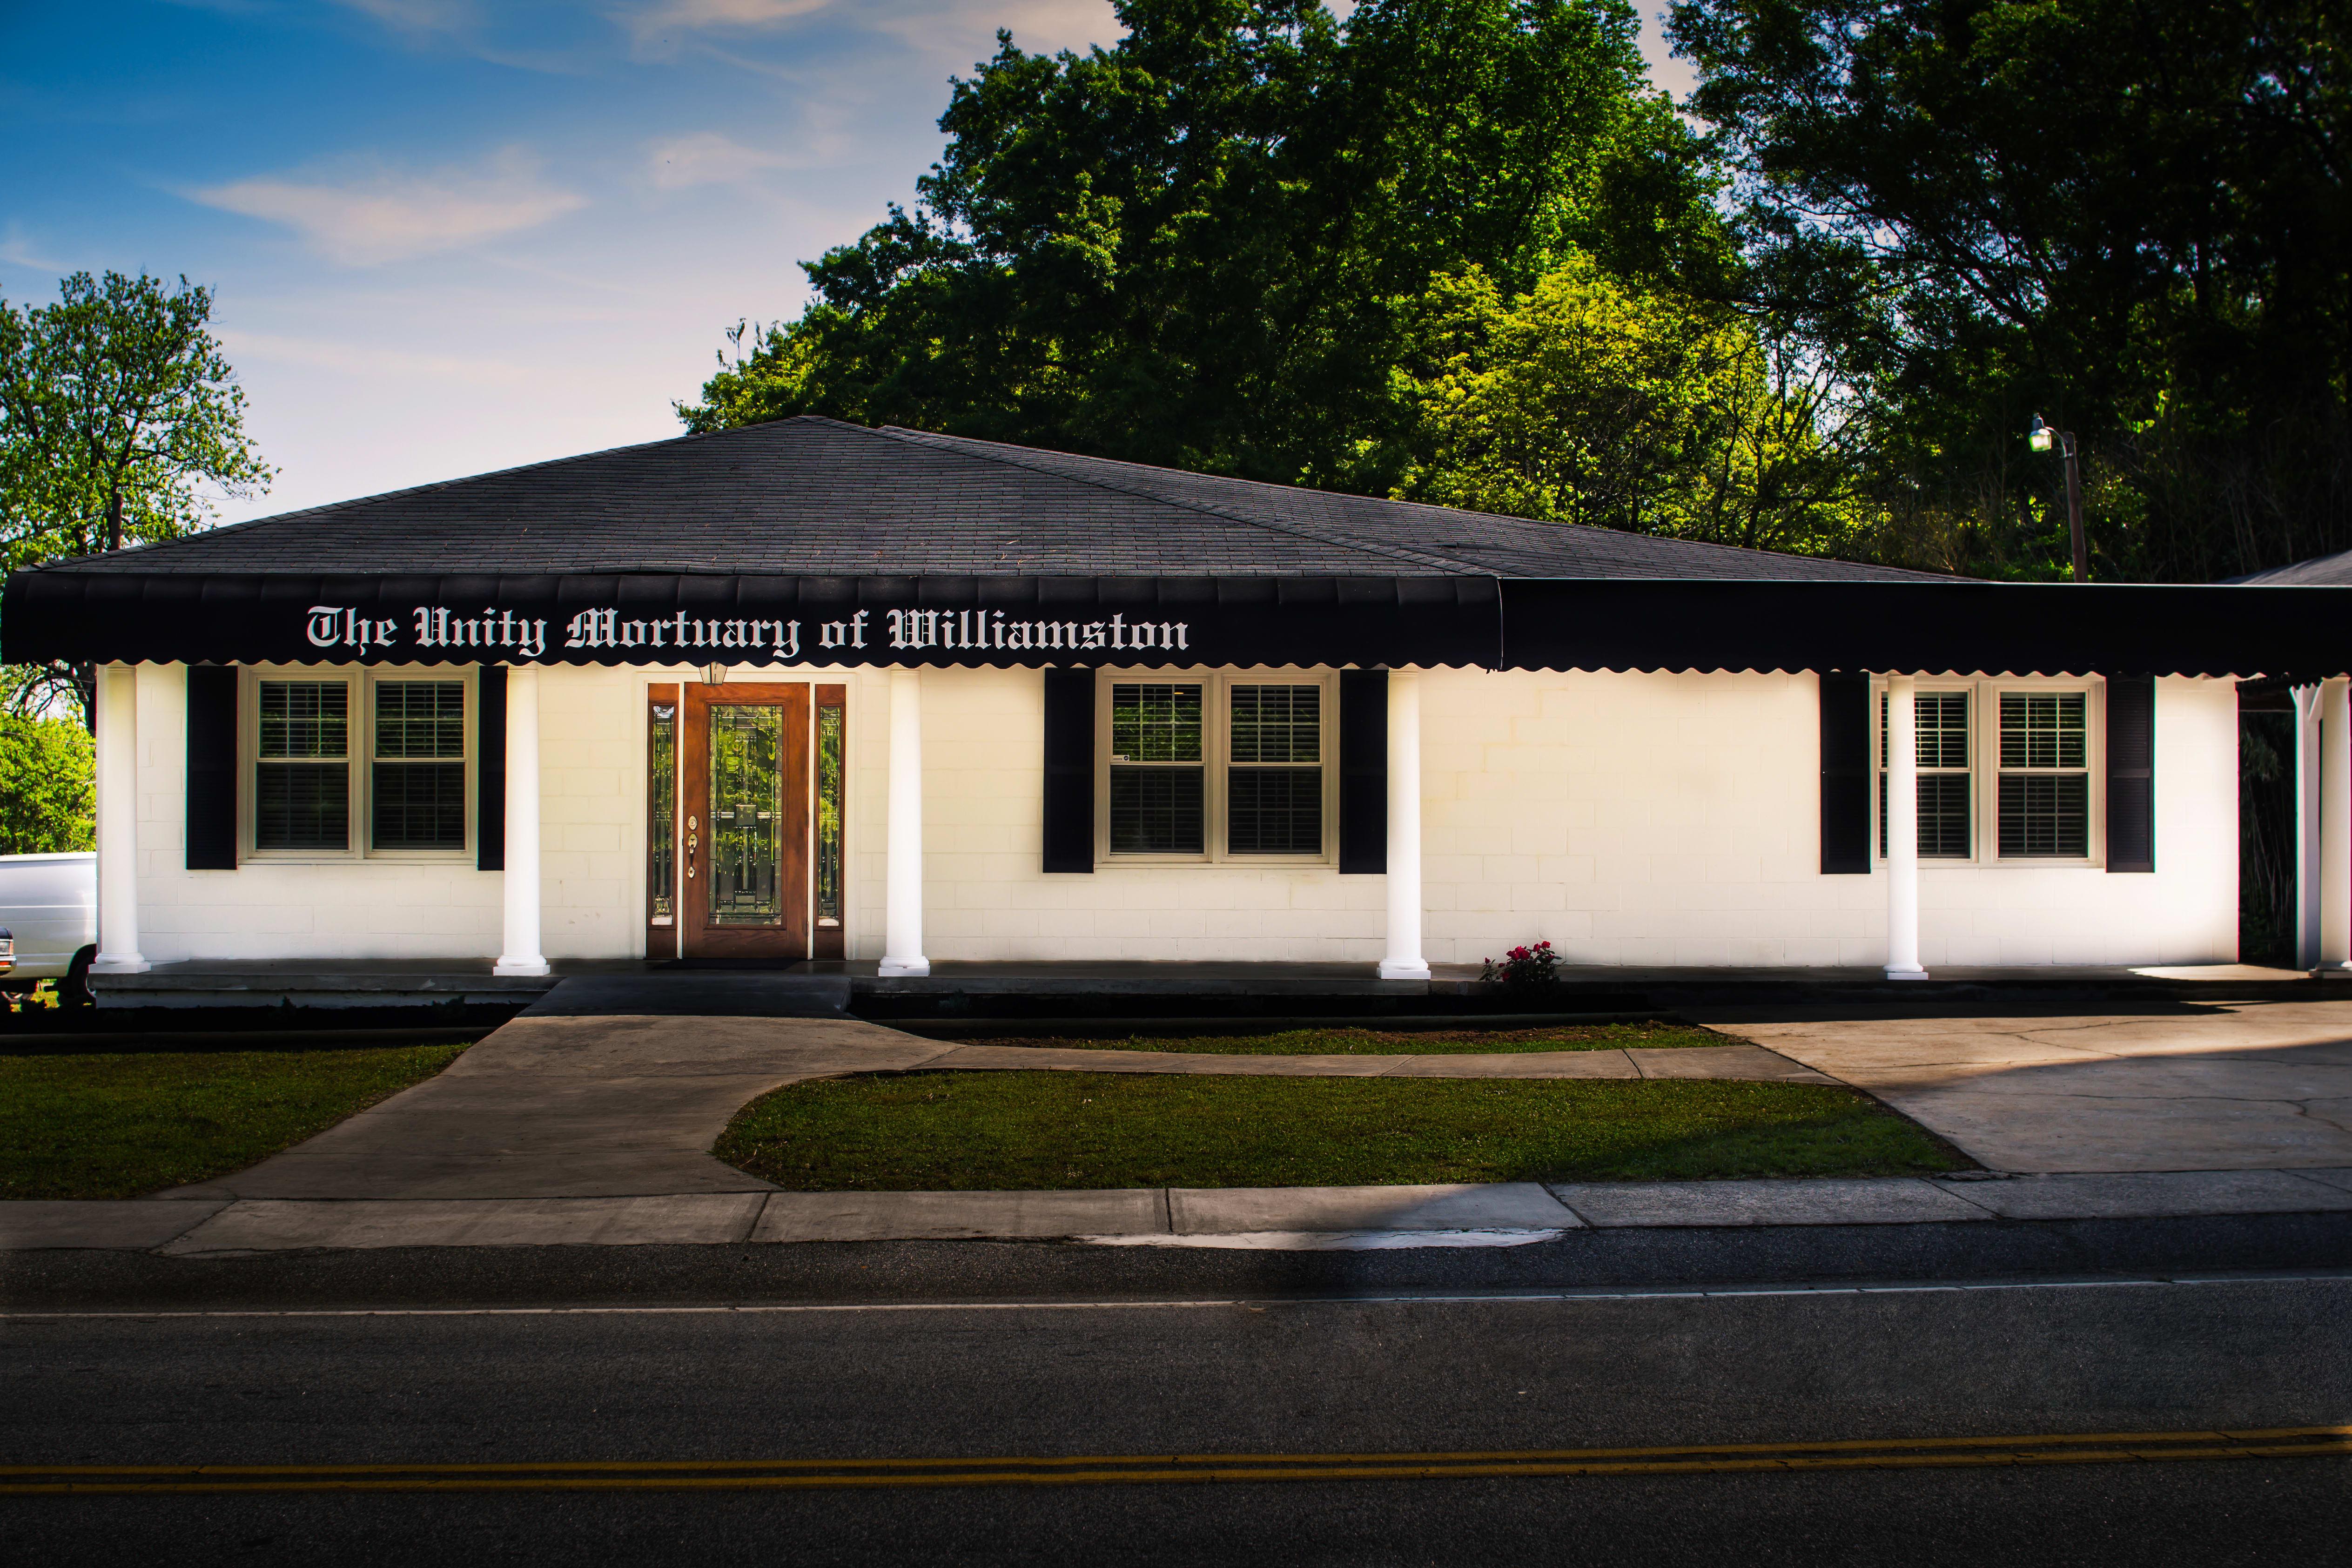 The Unity Mortuary - Anderson, SC